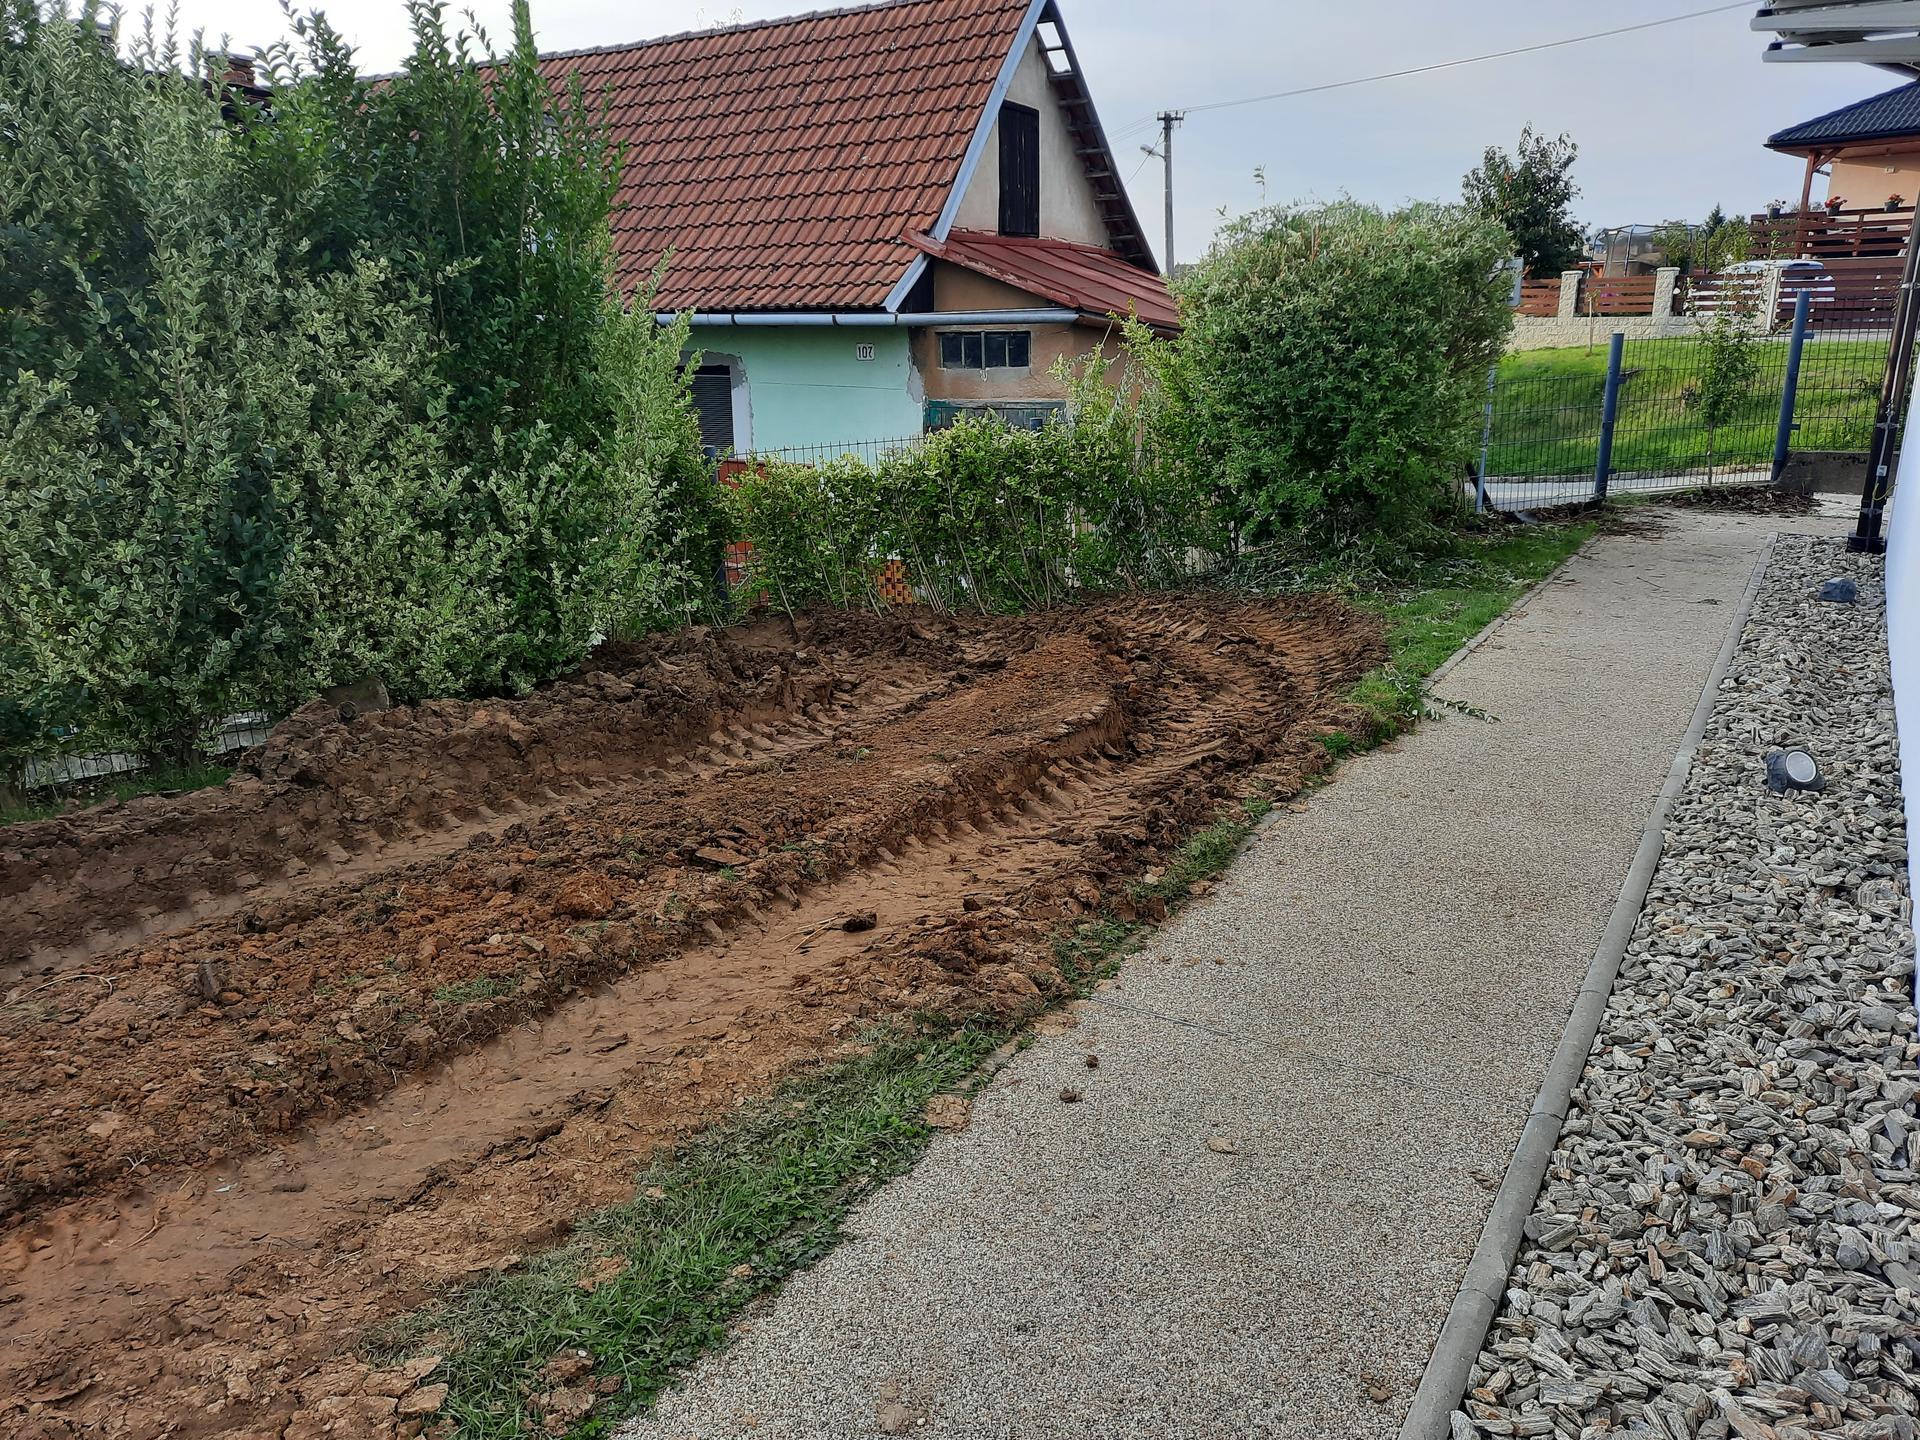 Akce BAZÉN - Dům je umístěn nešťastně a není moc kudy tudy. Druhý bagr vozí vybagrovanou hlínu k plotu, pod nímž stojí náklaďák.